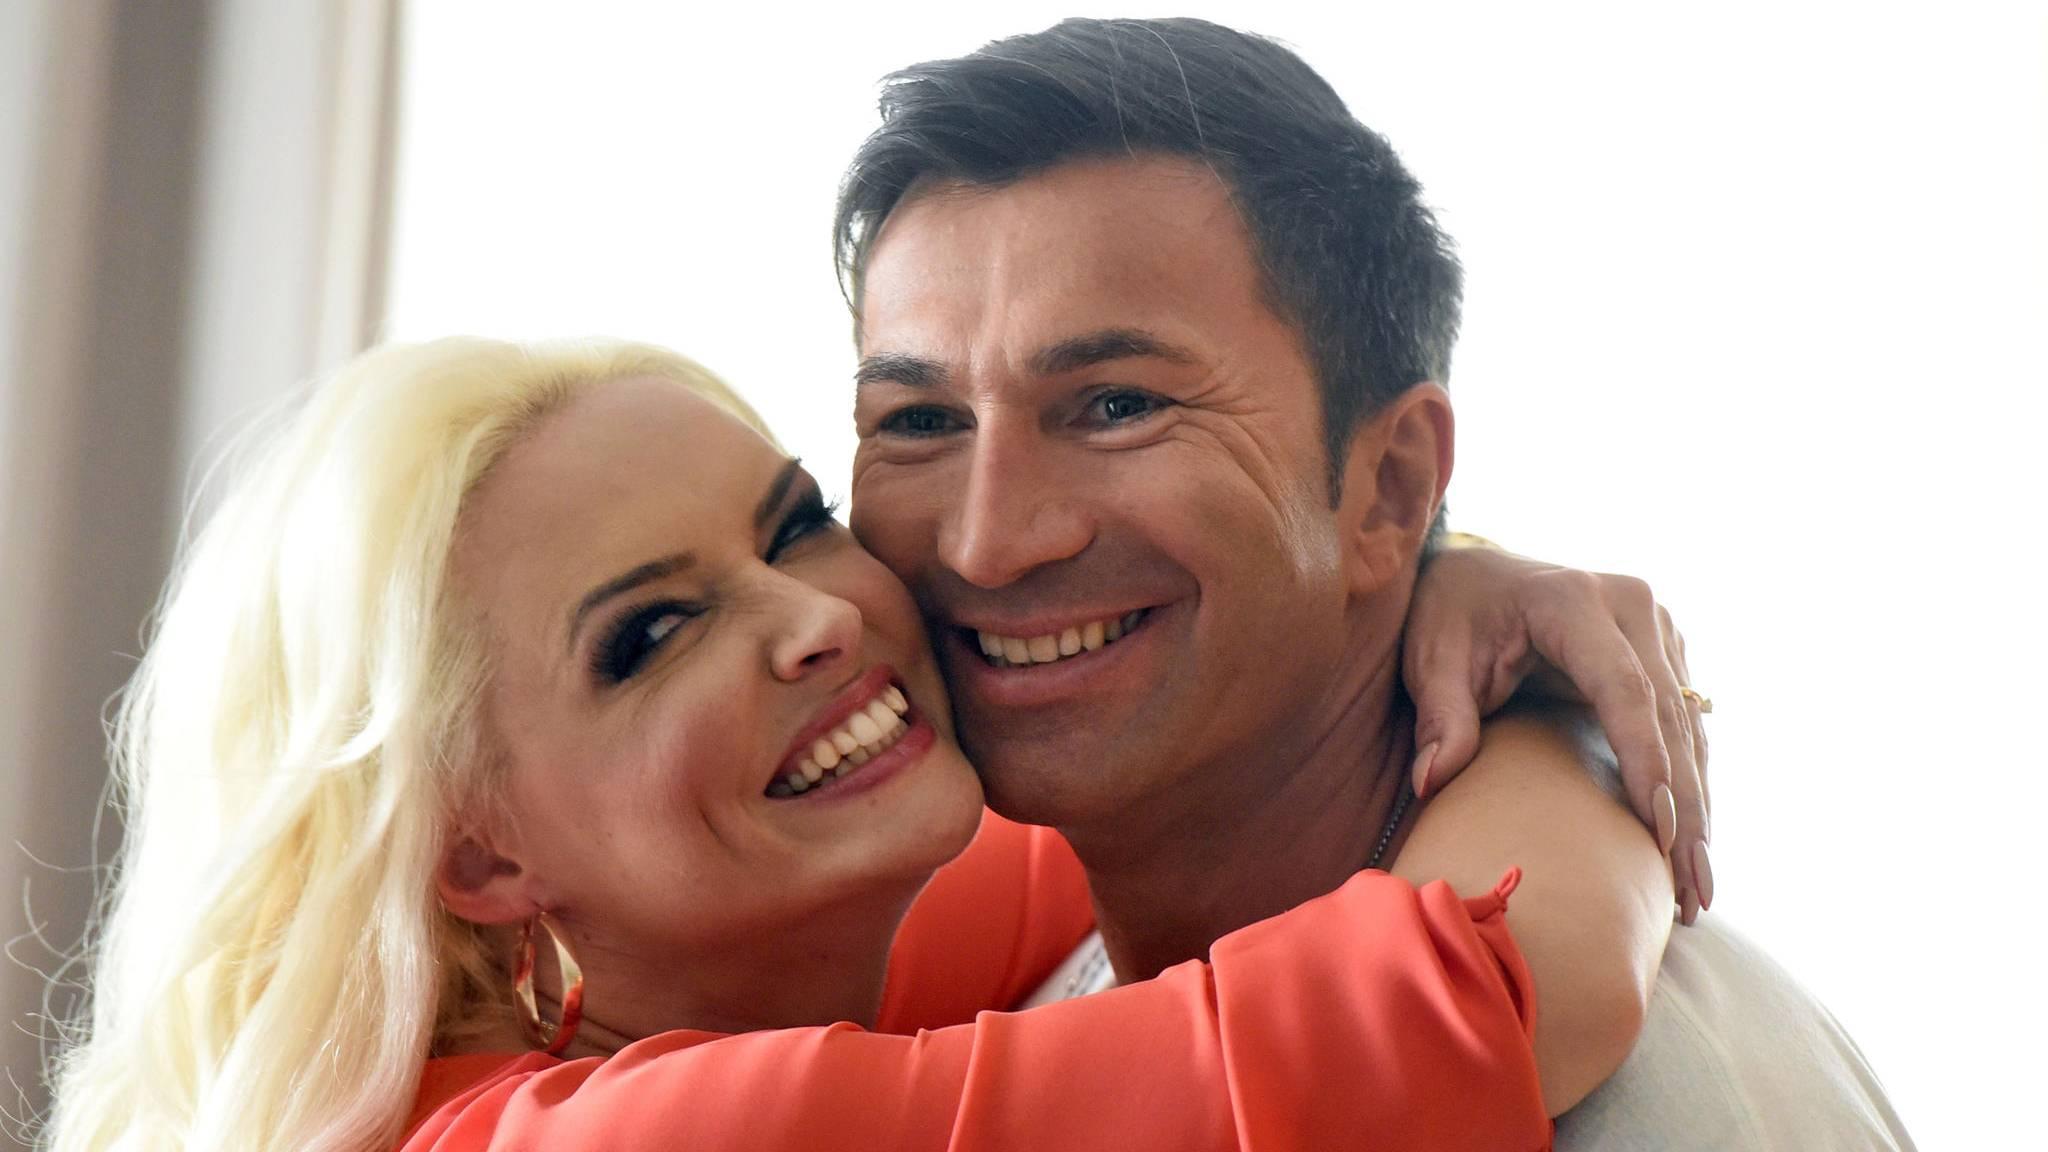 Beispiel fГјr ein gutes Online-Dating-Profil fГјr eine Frau